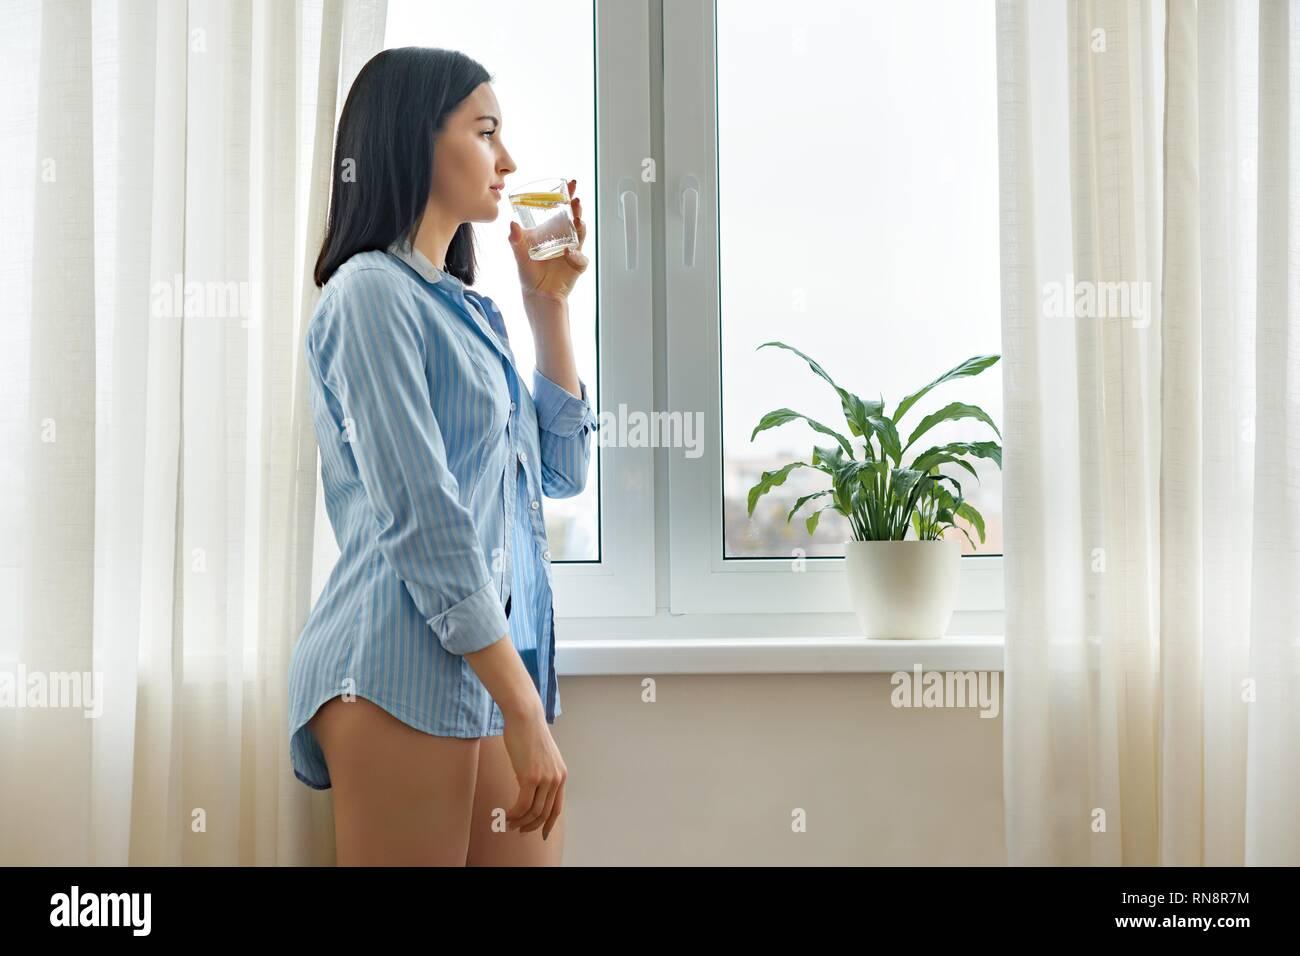 Estilo de vida saludable, dieta antioxidante. Por la mañana un vaso de agua con limón en las manos del joven Imagen De Stock